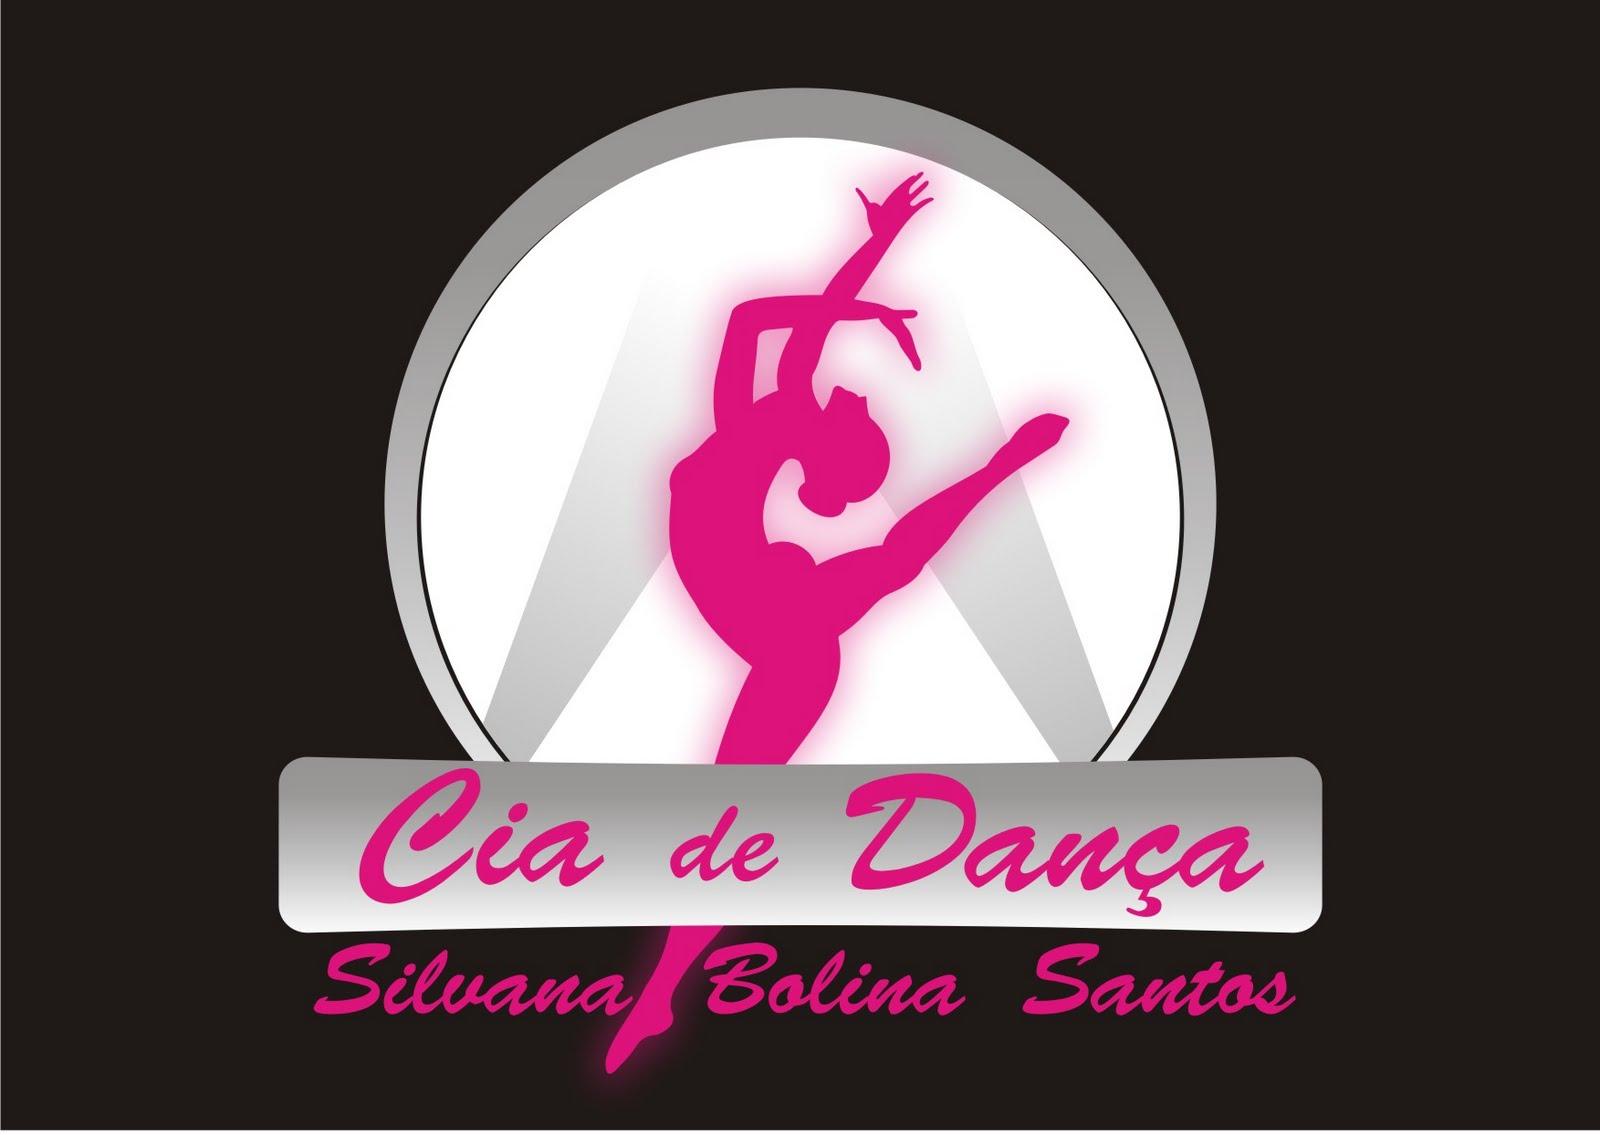 Cia de Dança, Silvana Bolina Santos